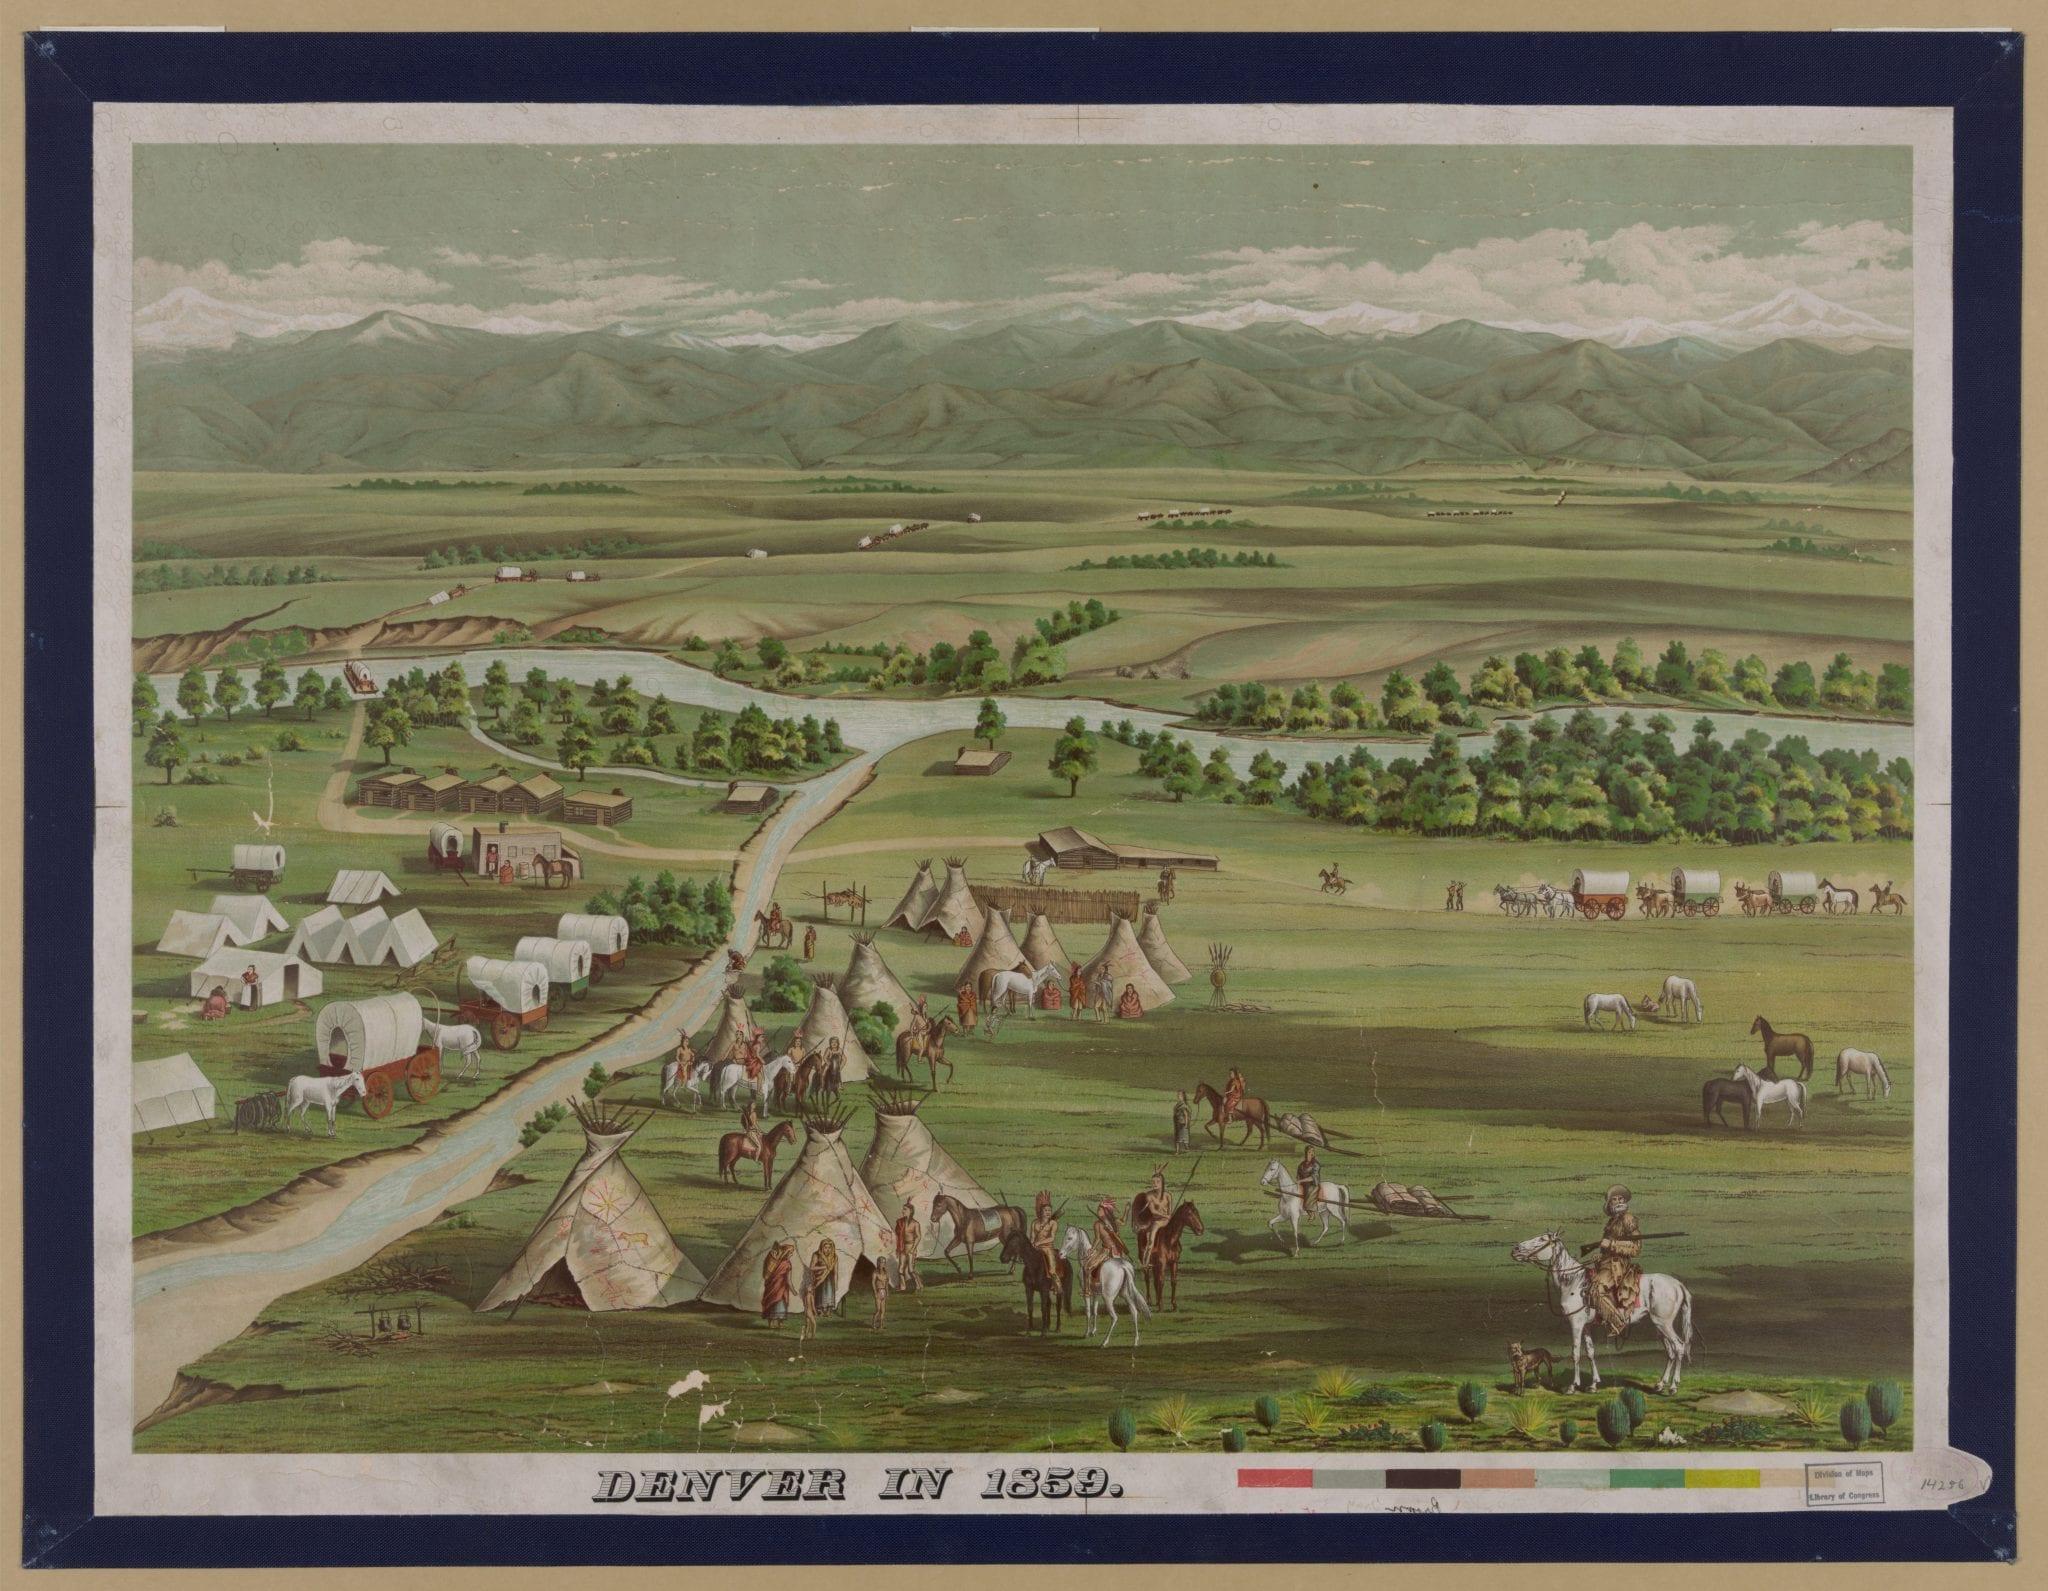 Denver Colorado in 1859